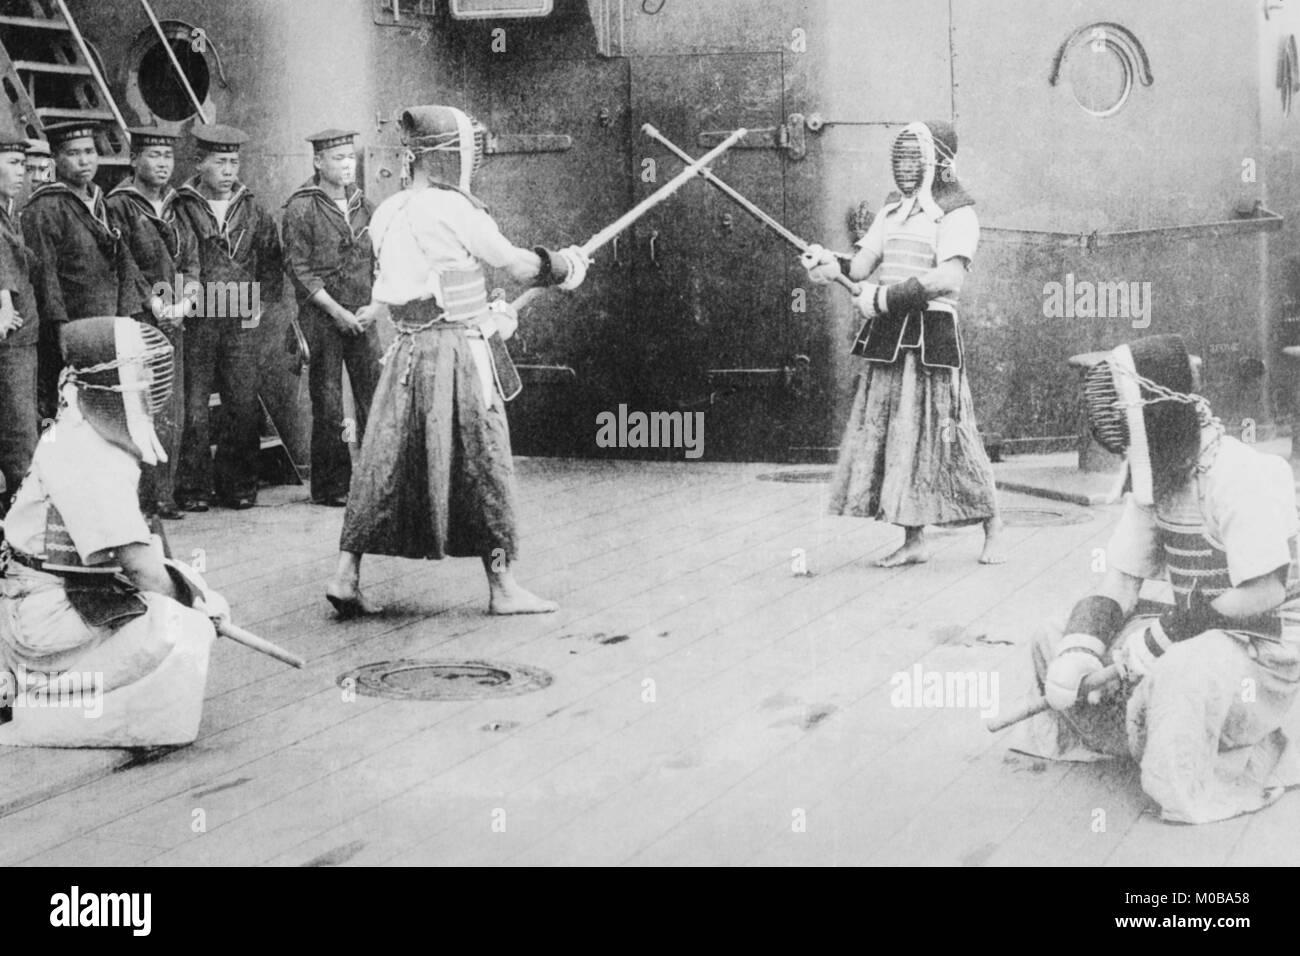 Los marineros de esgrima japonesa a bordo Imagen De Stock